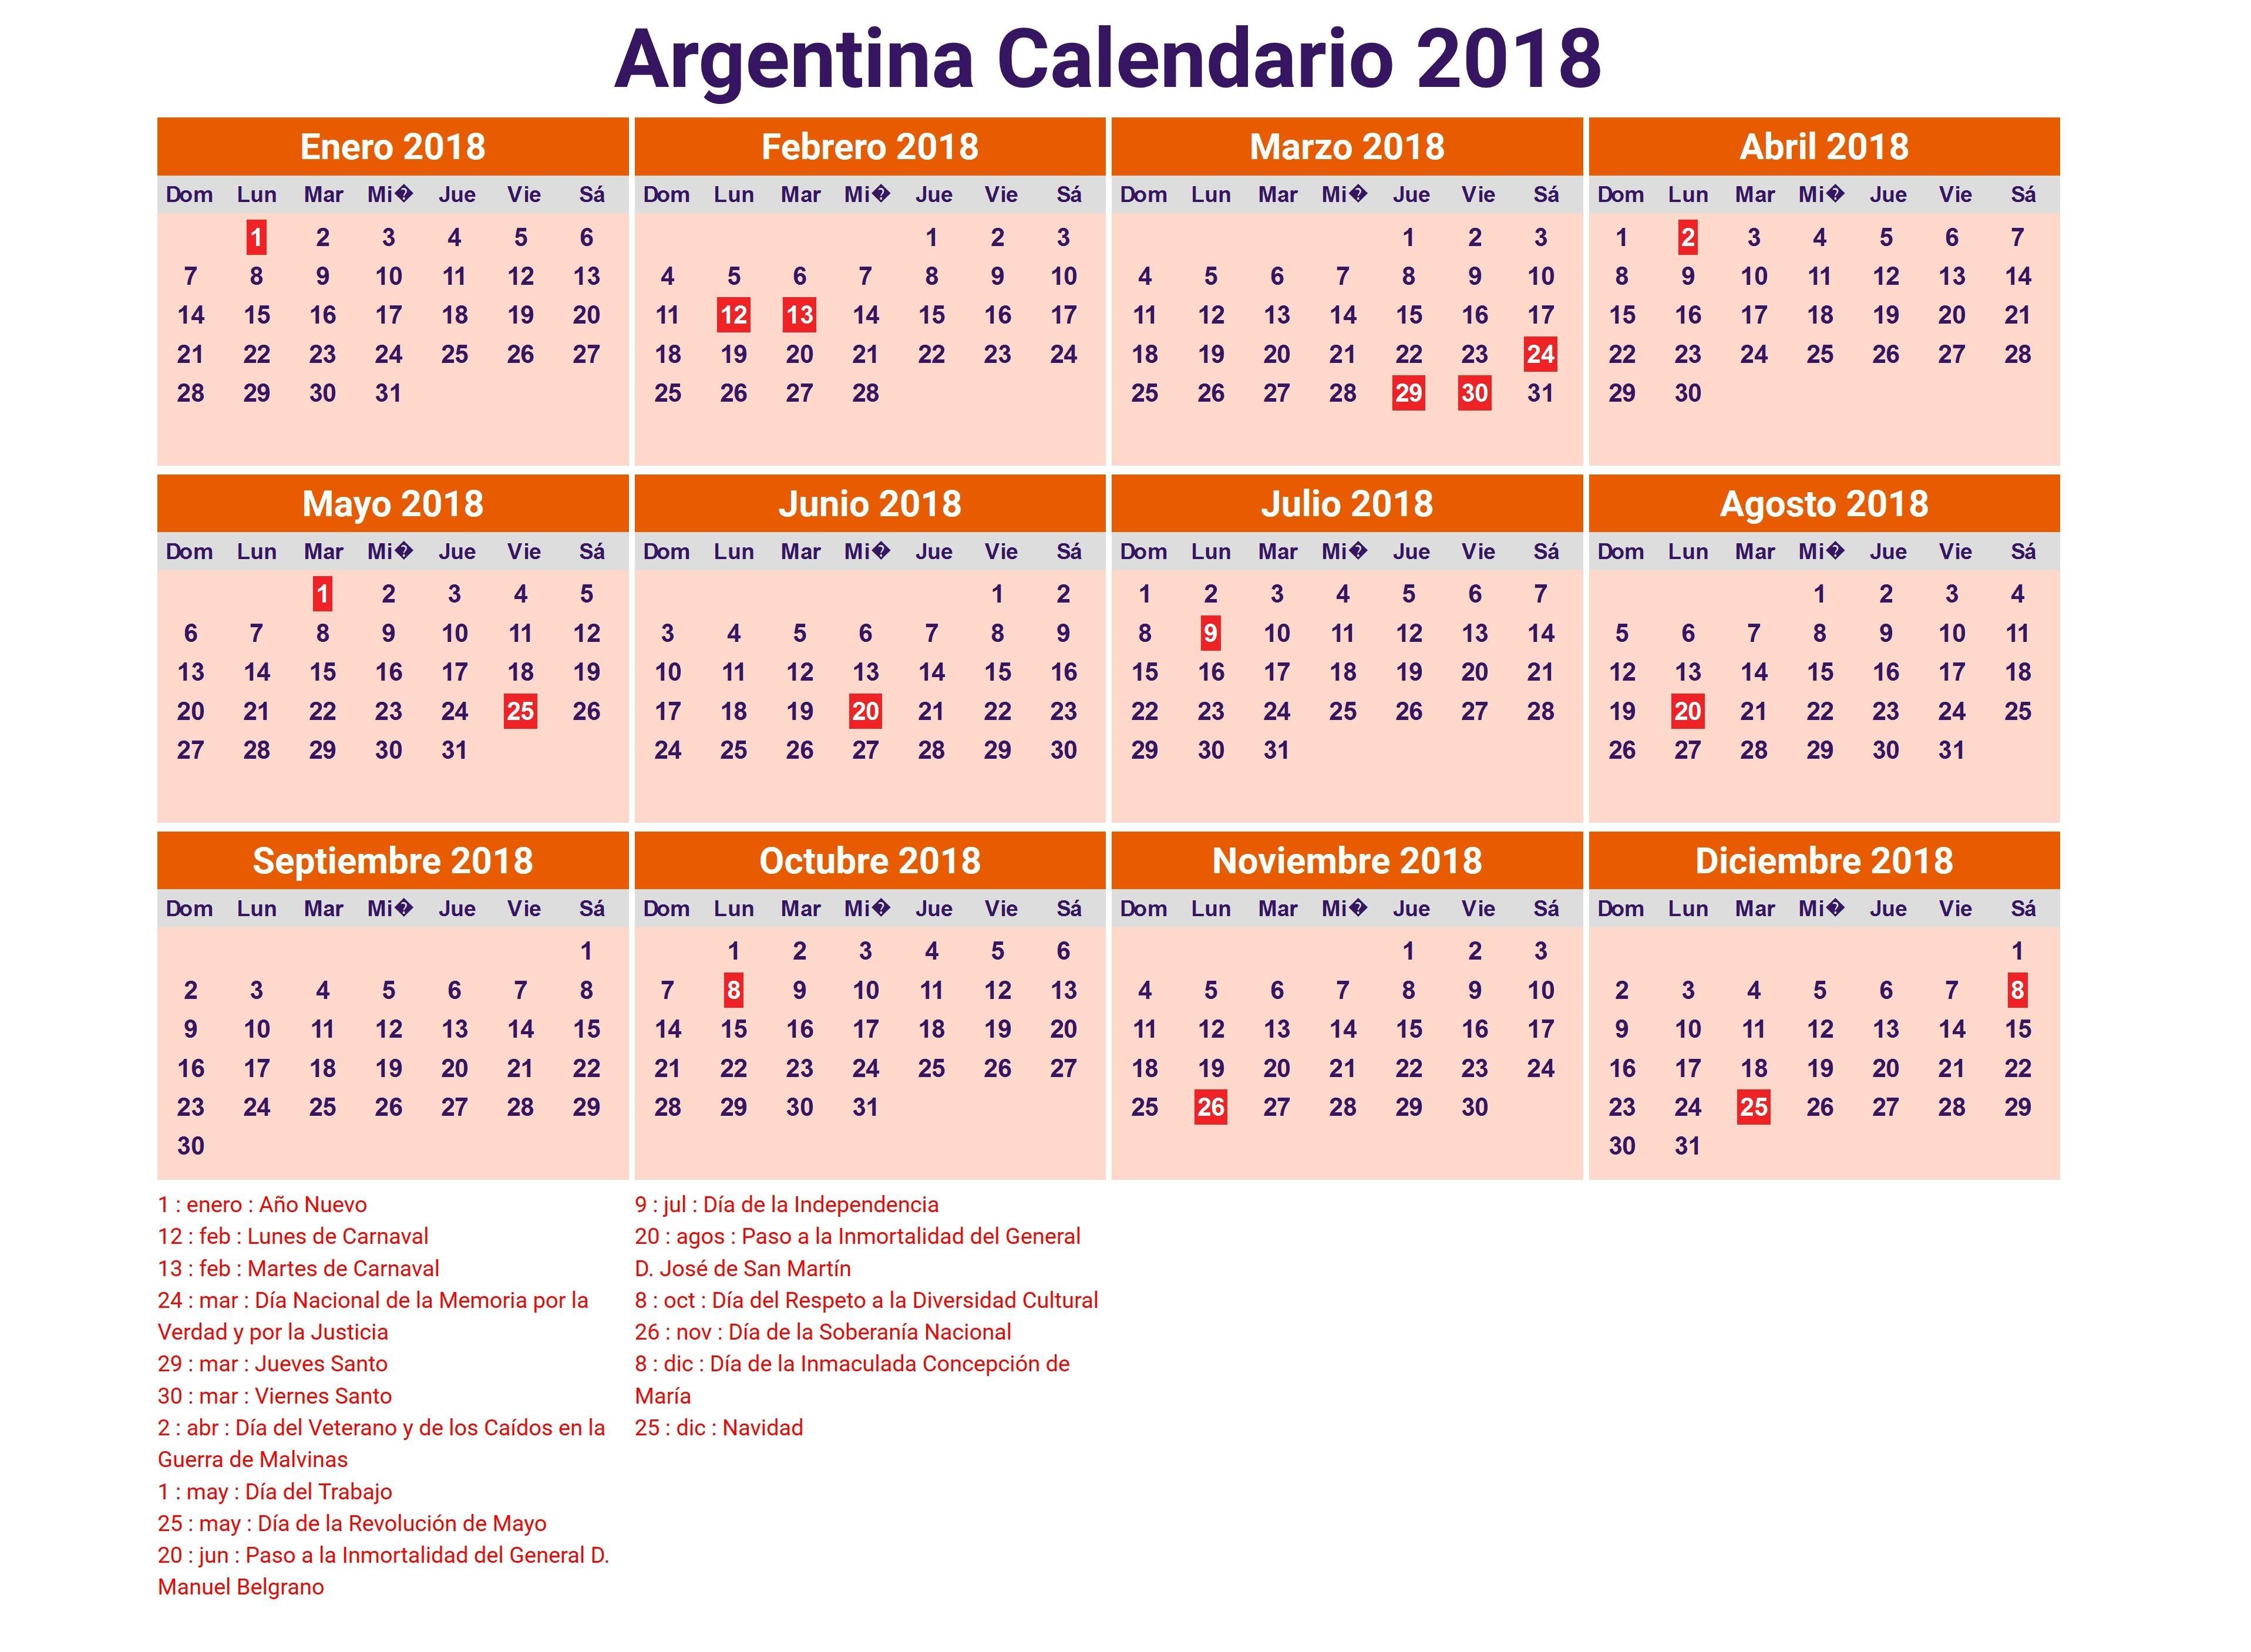 Imprimir Calendario 2017 Mexico Más Reciente Calendario 2018 Para Imprimir Feriados Kordurorddiner Of Imprimir Calendario 2017 Mexico Más Populares Mejores 14 Imágenes De Productividad Al Papel En Pinterest